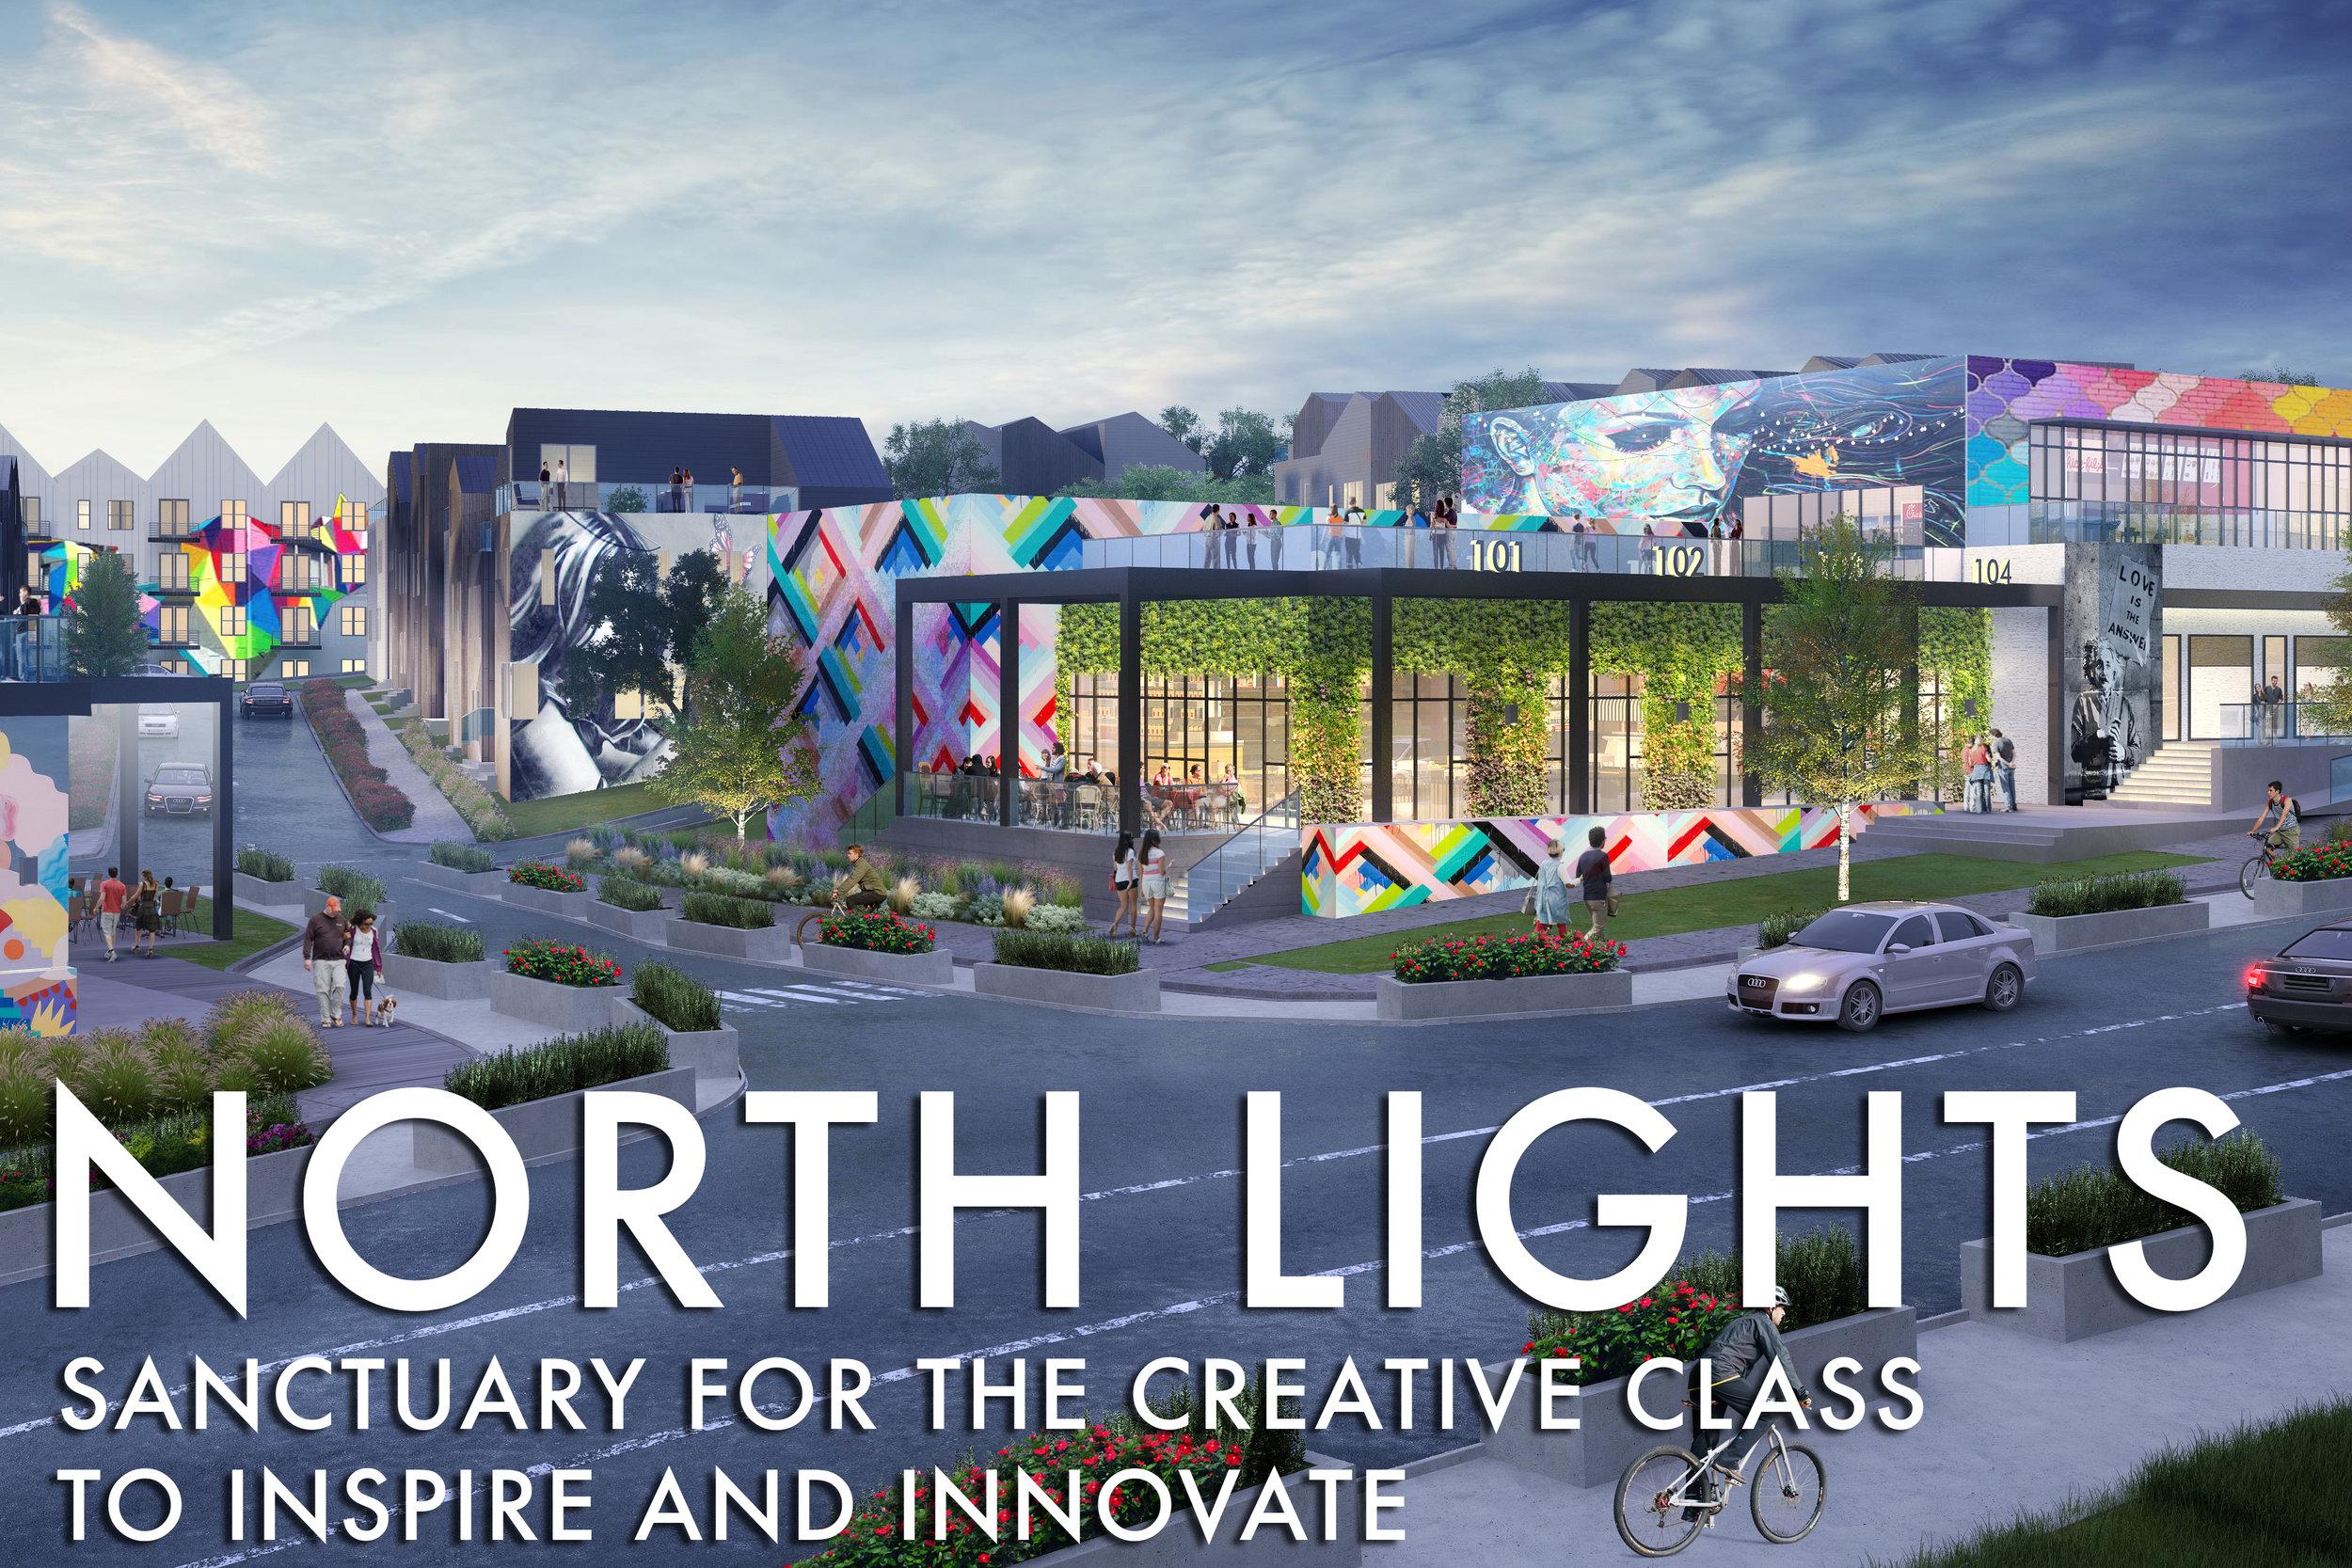 North Lights